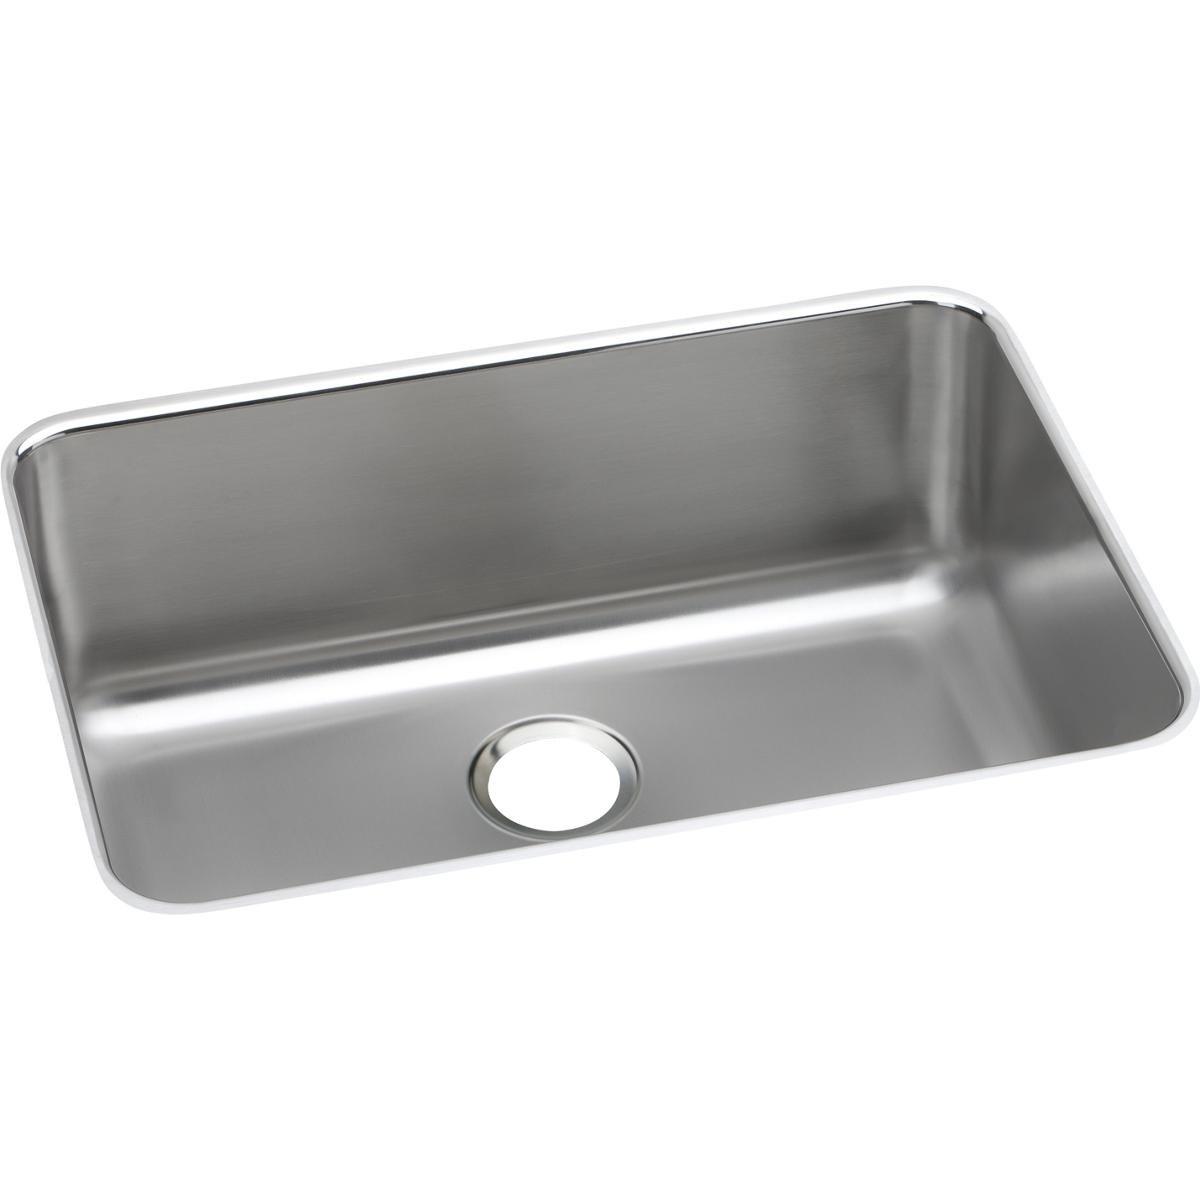 Elkay ELUH241610 Lustertone Classic Single Bowl Undermount Stainless Steel Sink